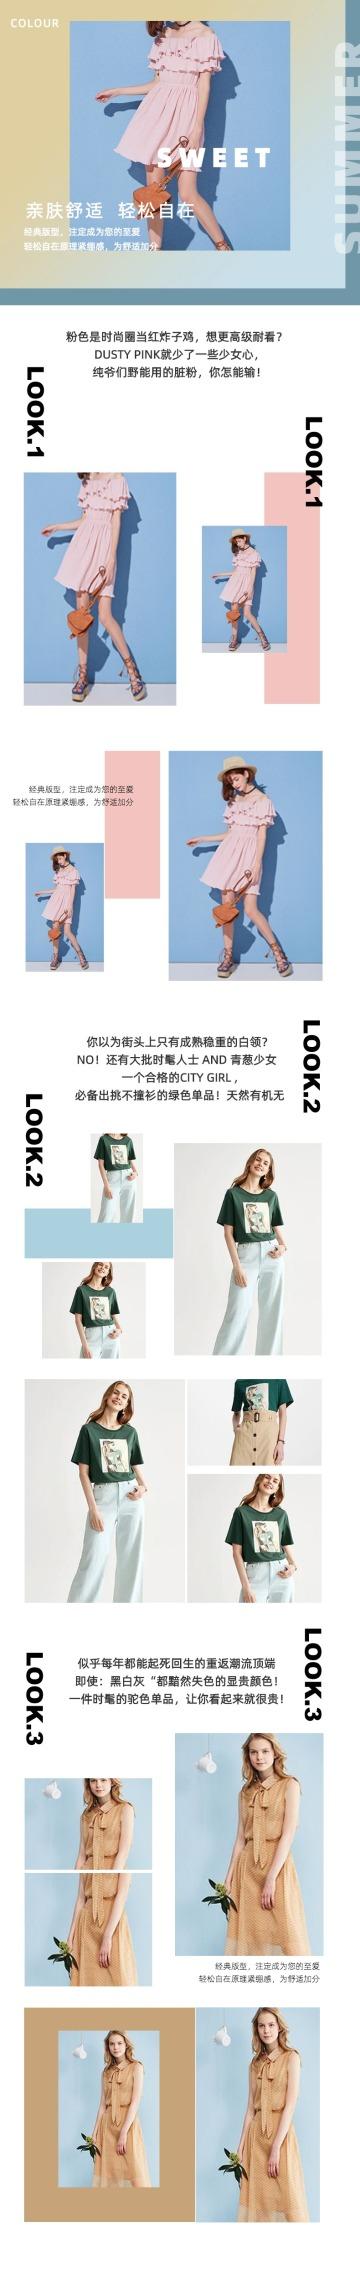 淘宝粉色时尚夏季女装宝贝评情介绍